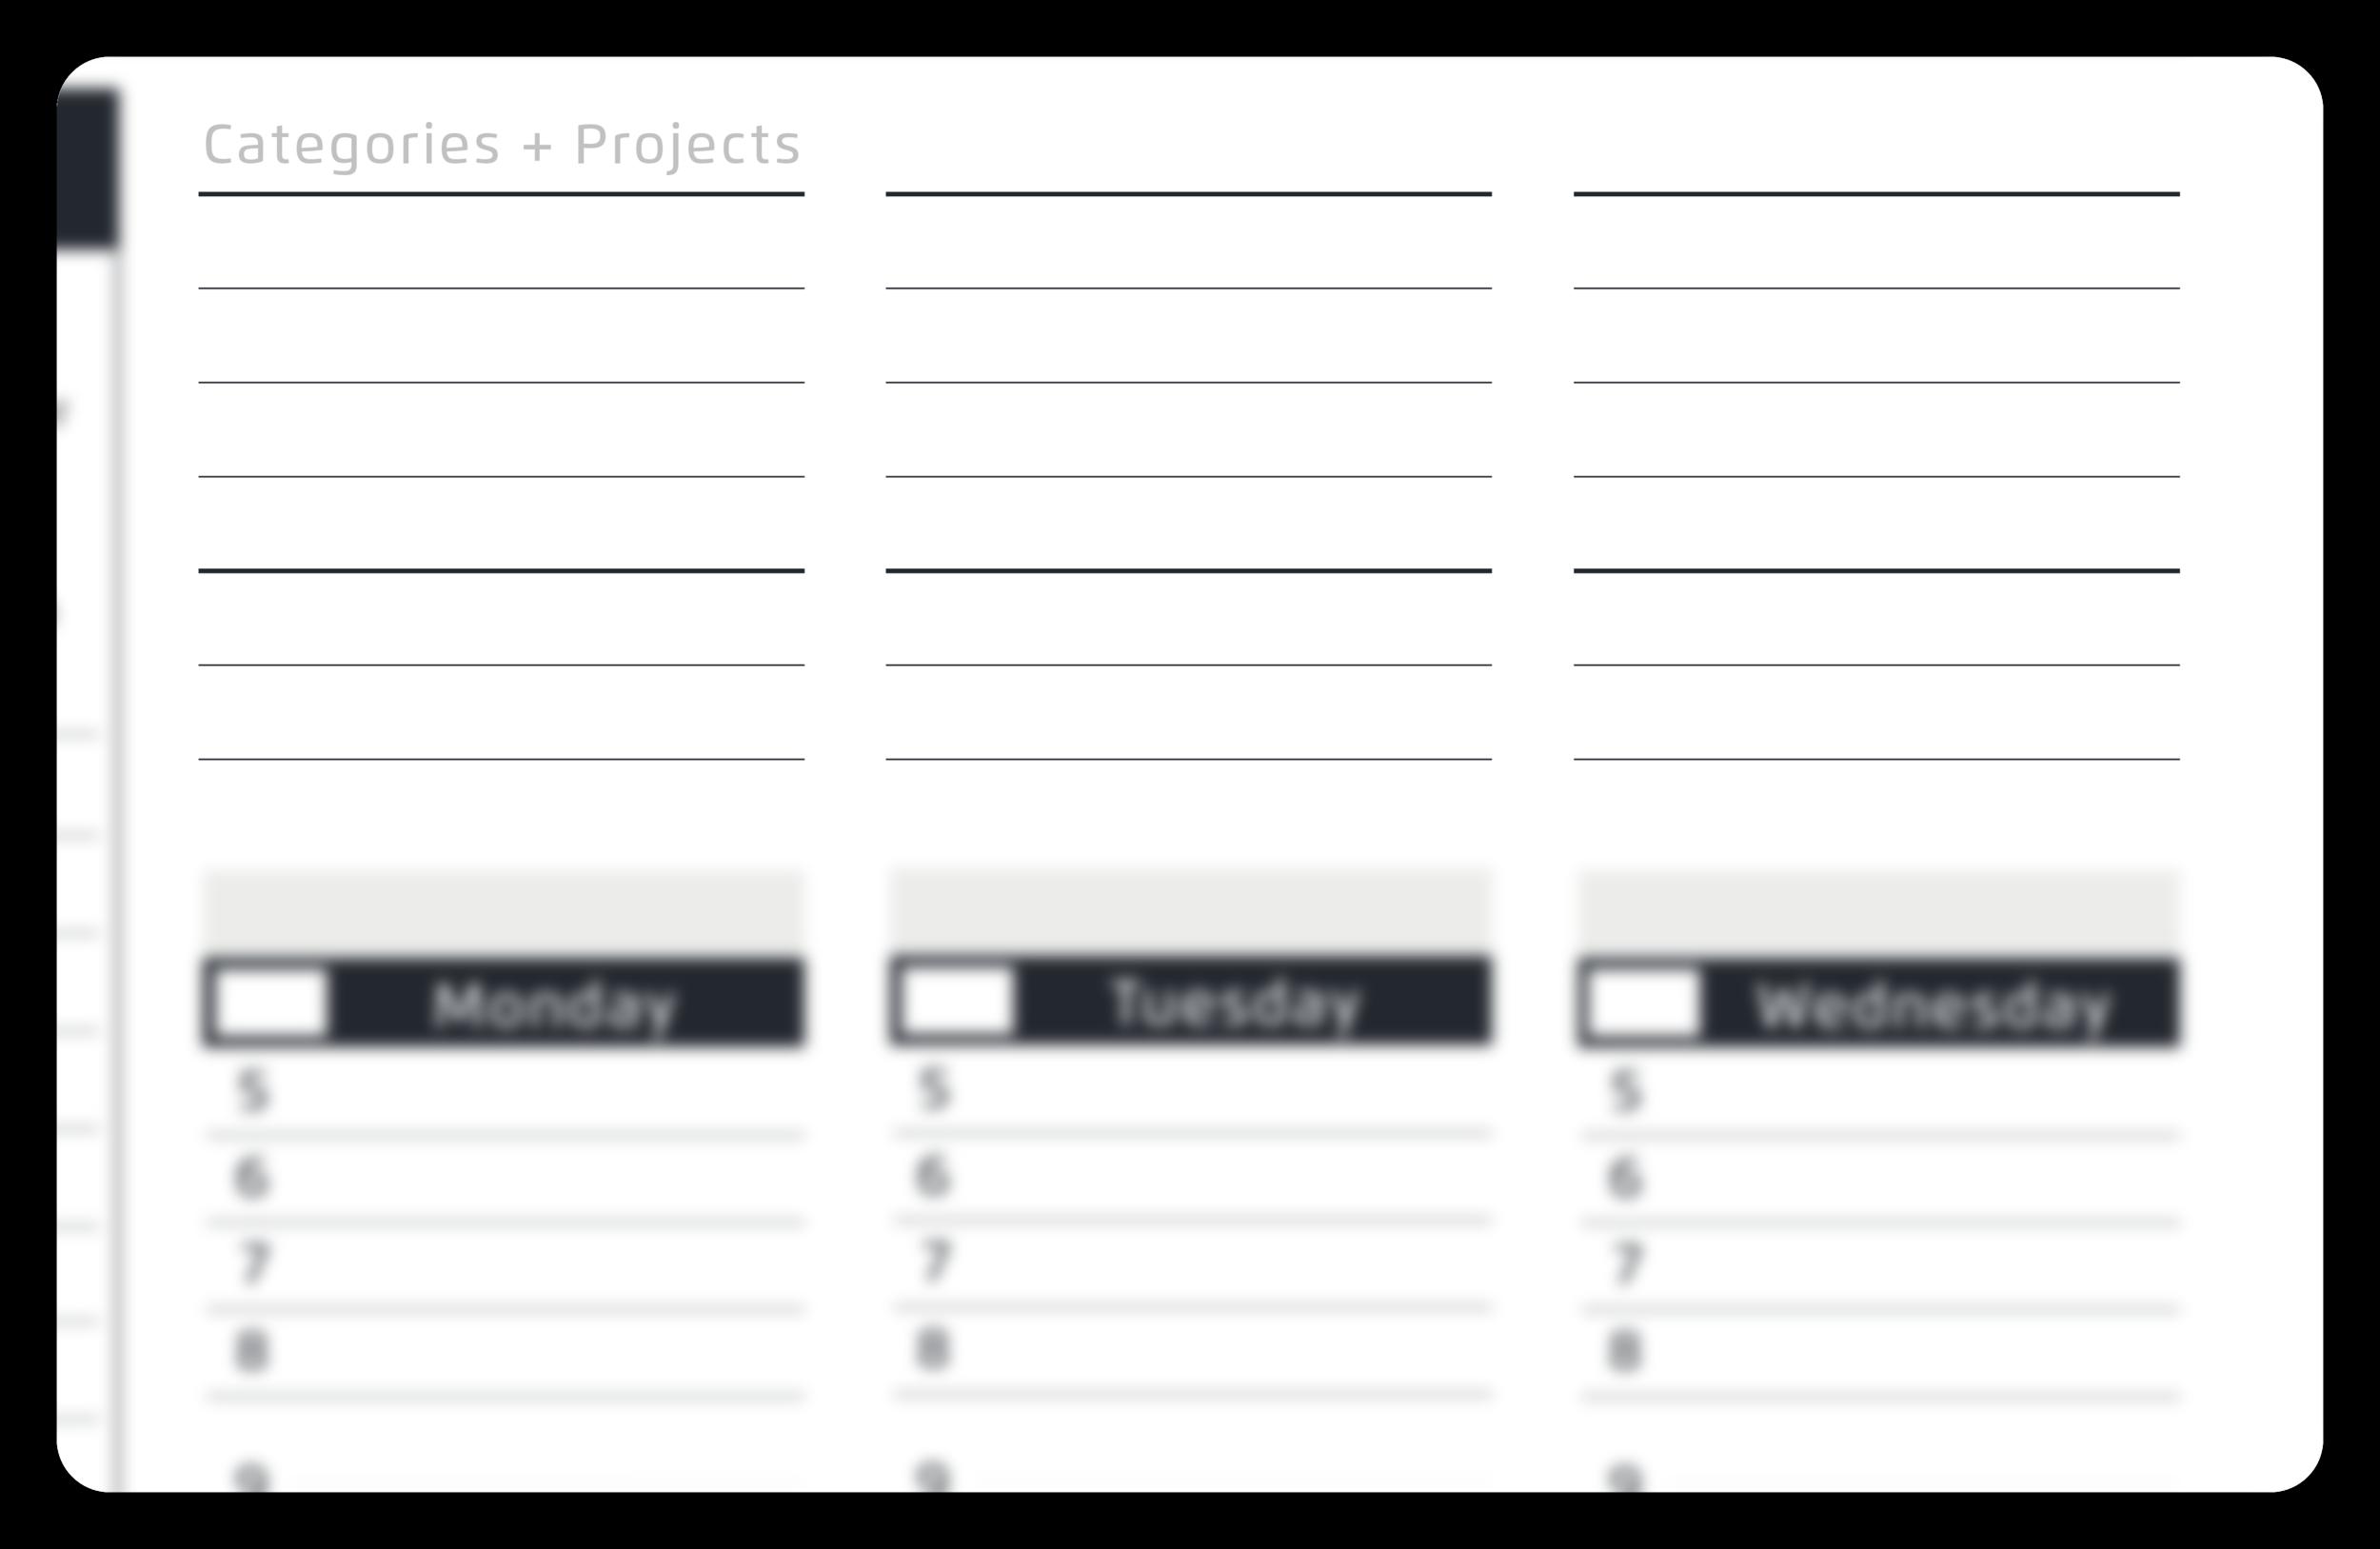 Weekly Plan_ Categories.png